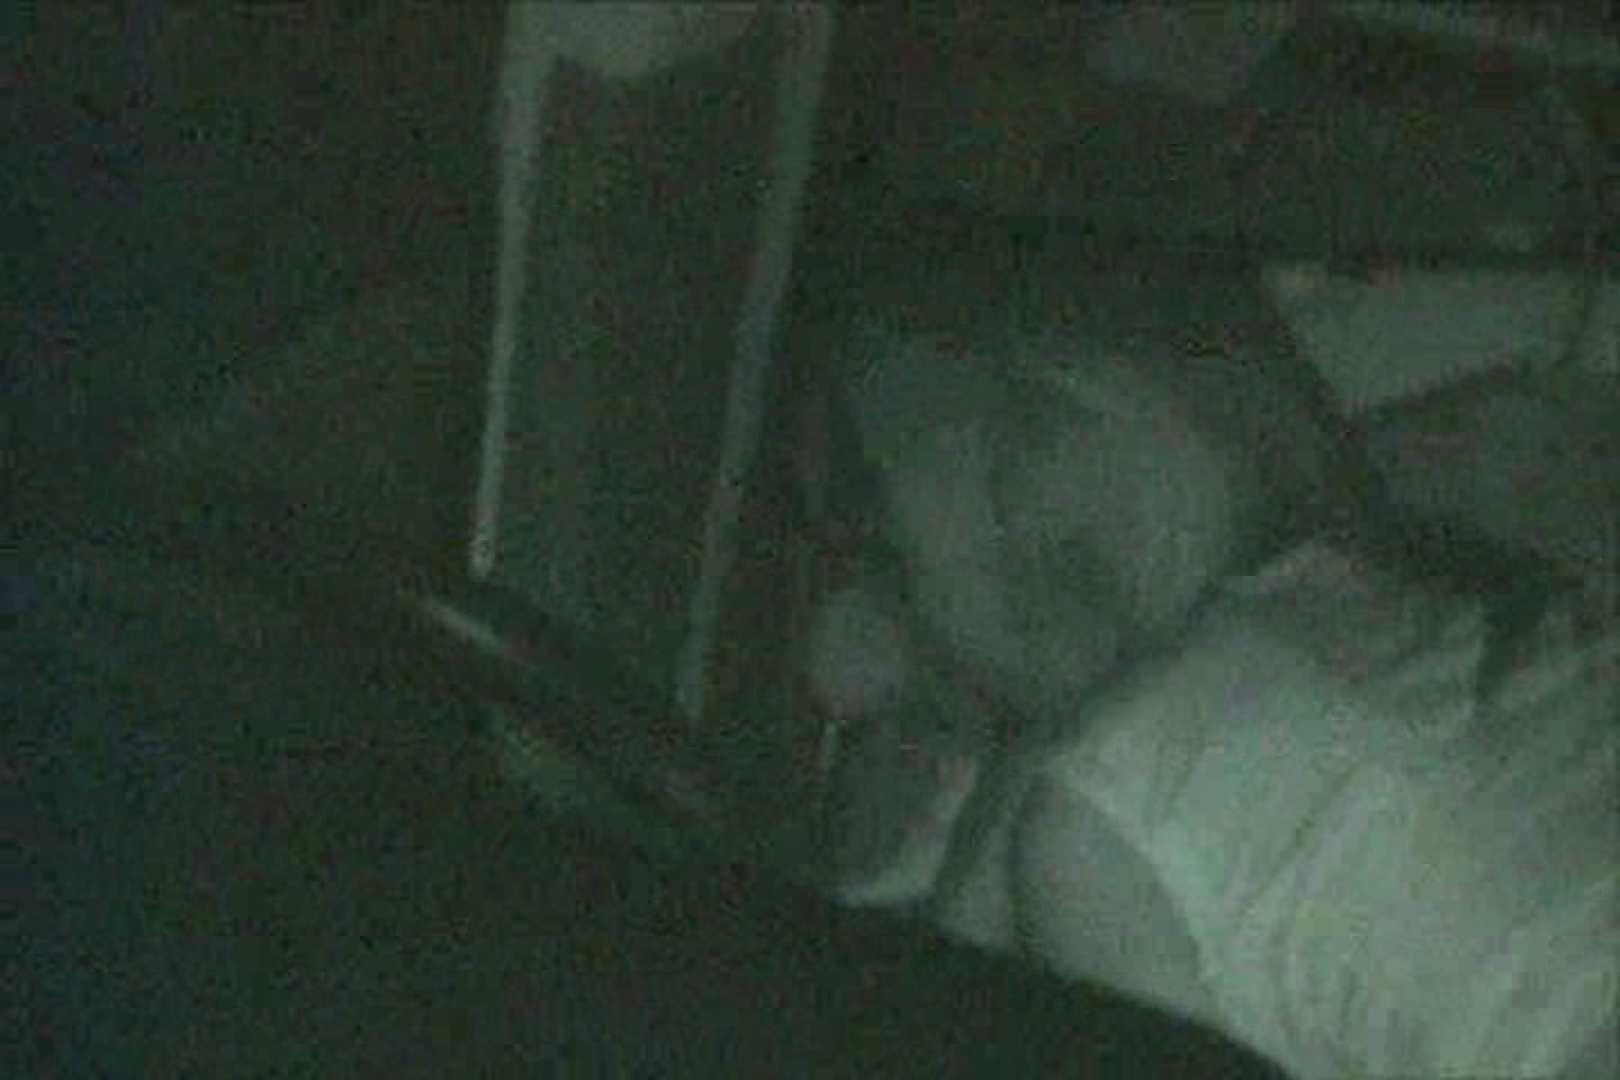 車の中はラブホテル 無修正版  Vol.25 ラブホテル 盗撮おまんこ無修正動画無料 40pic 19